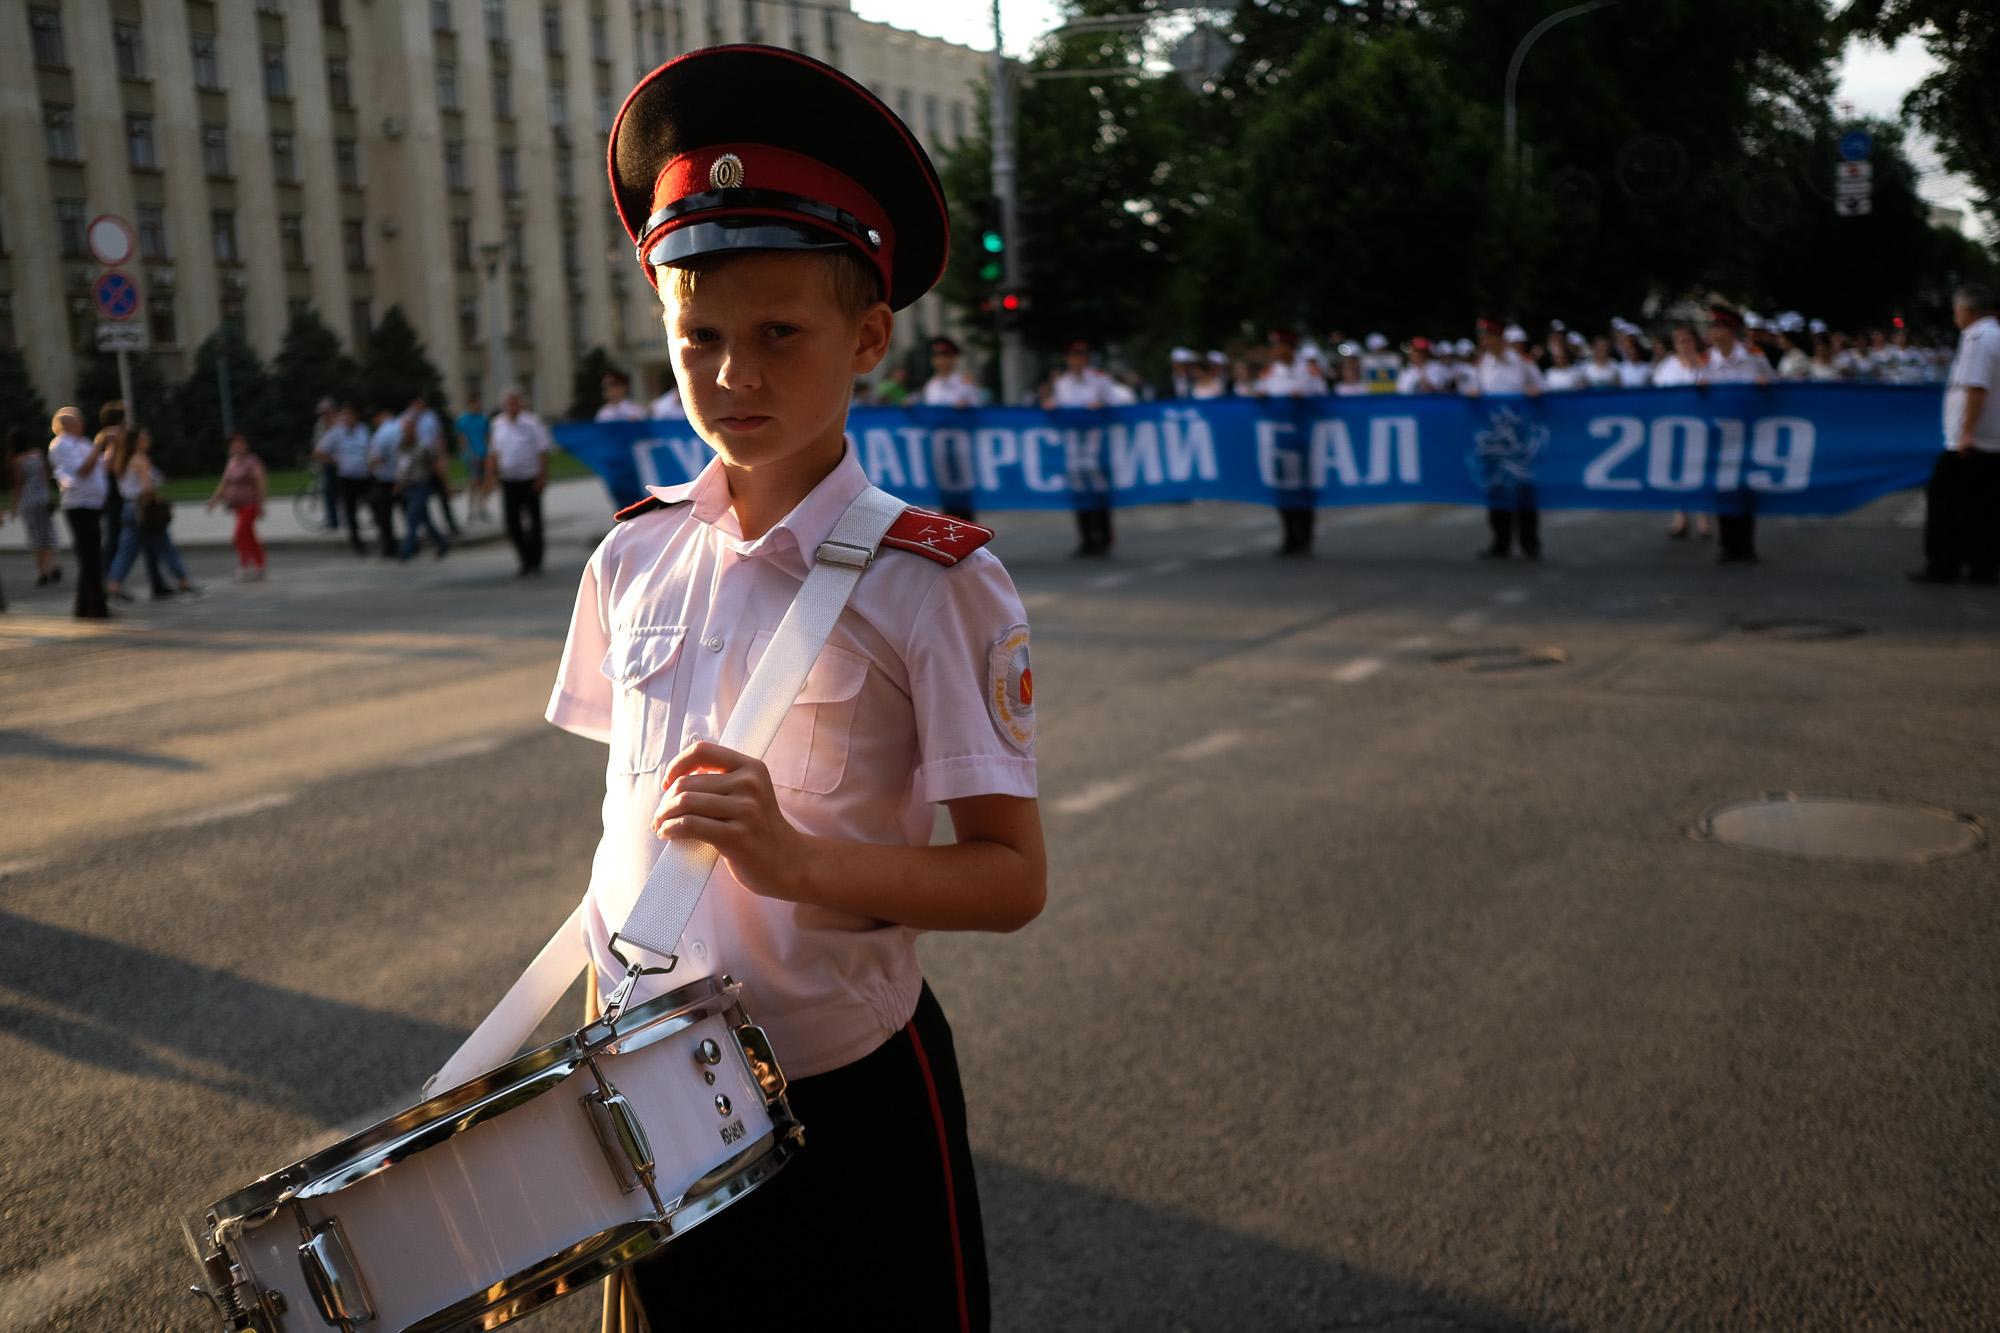 Nikolai_khizhniak-17